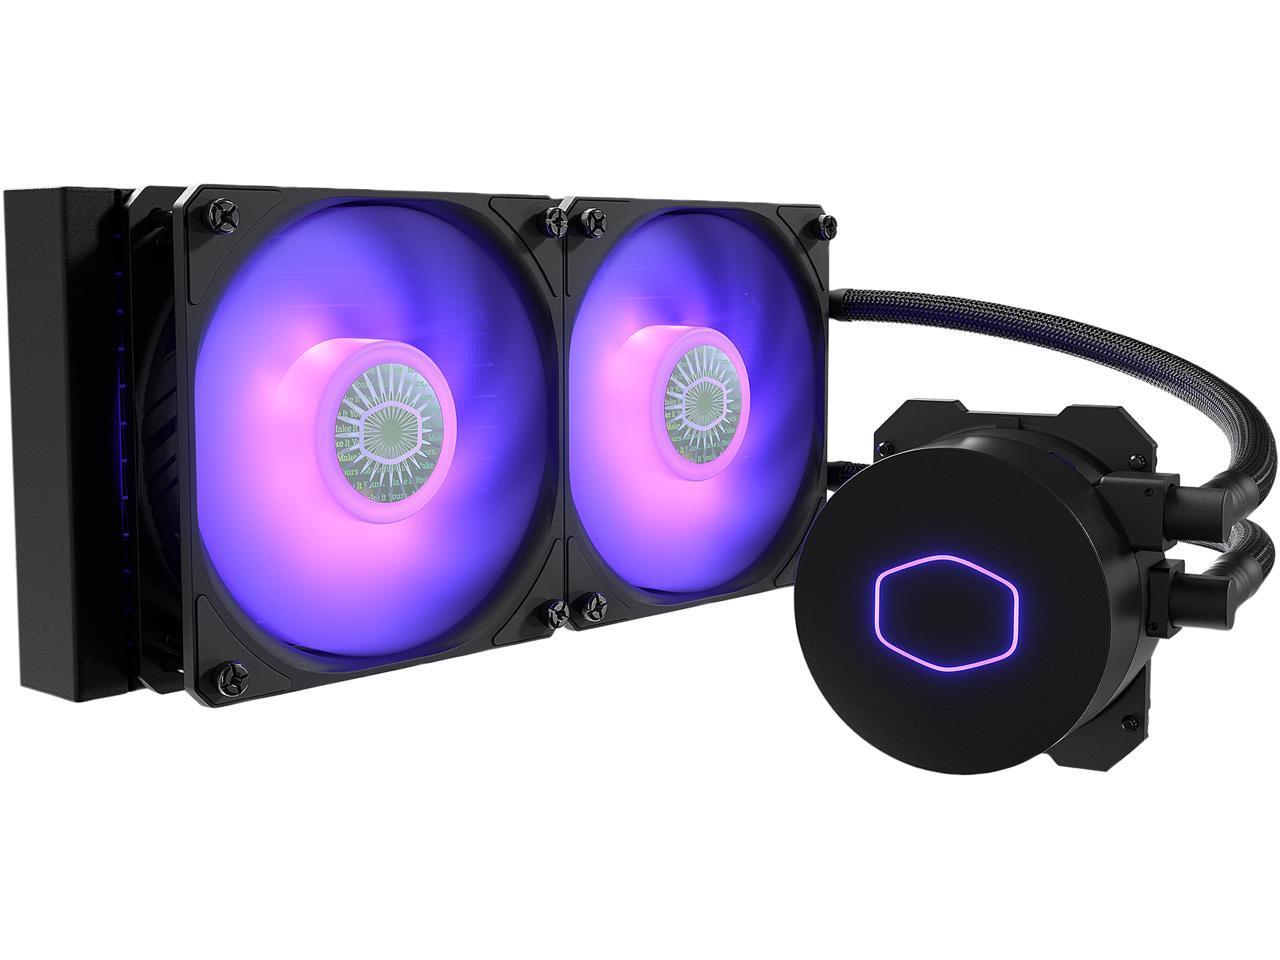 CoolerMaster MasterLiquid ML240L RGB V2, AIO Liquid Cooler @Newegg (AR) $61.49